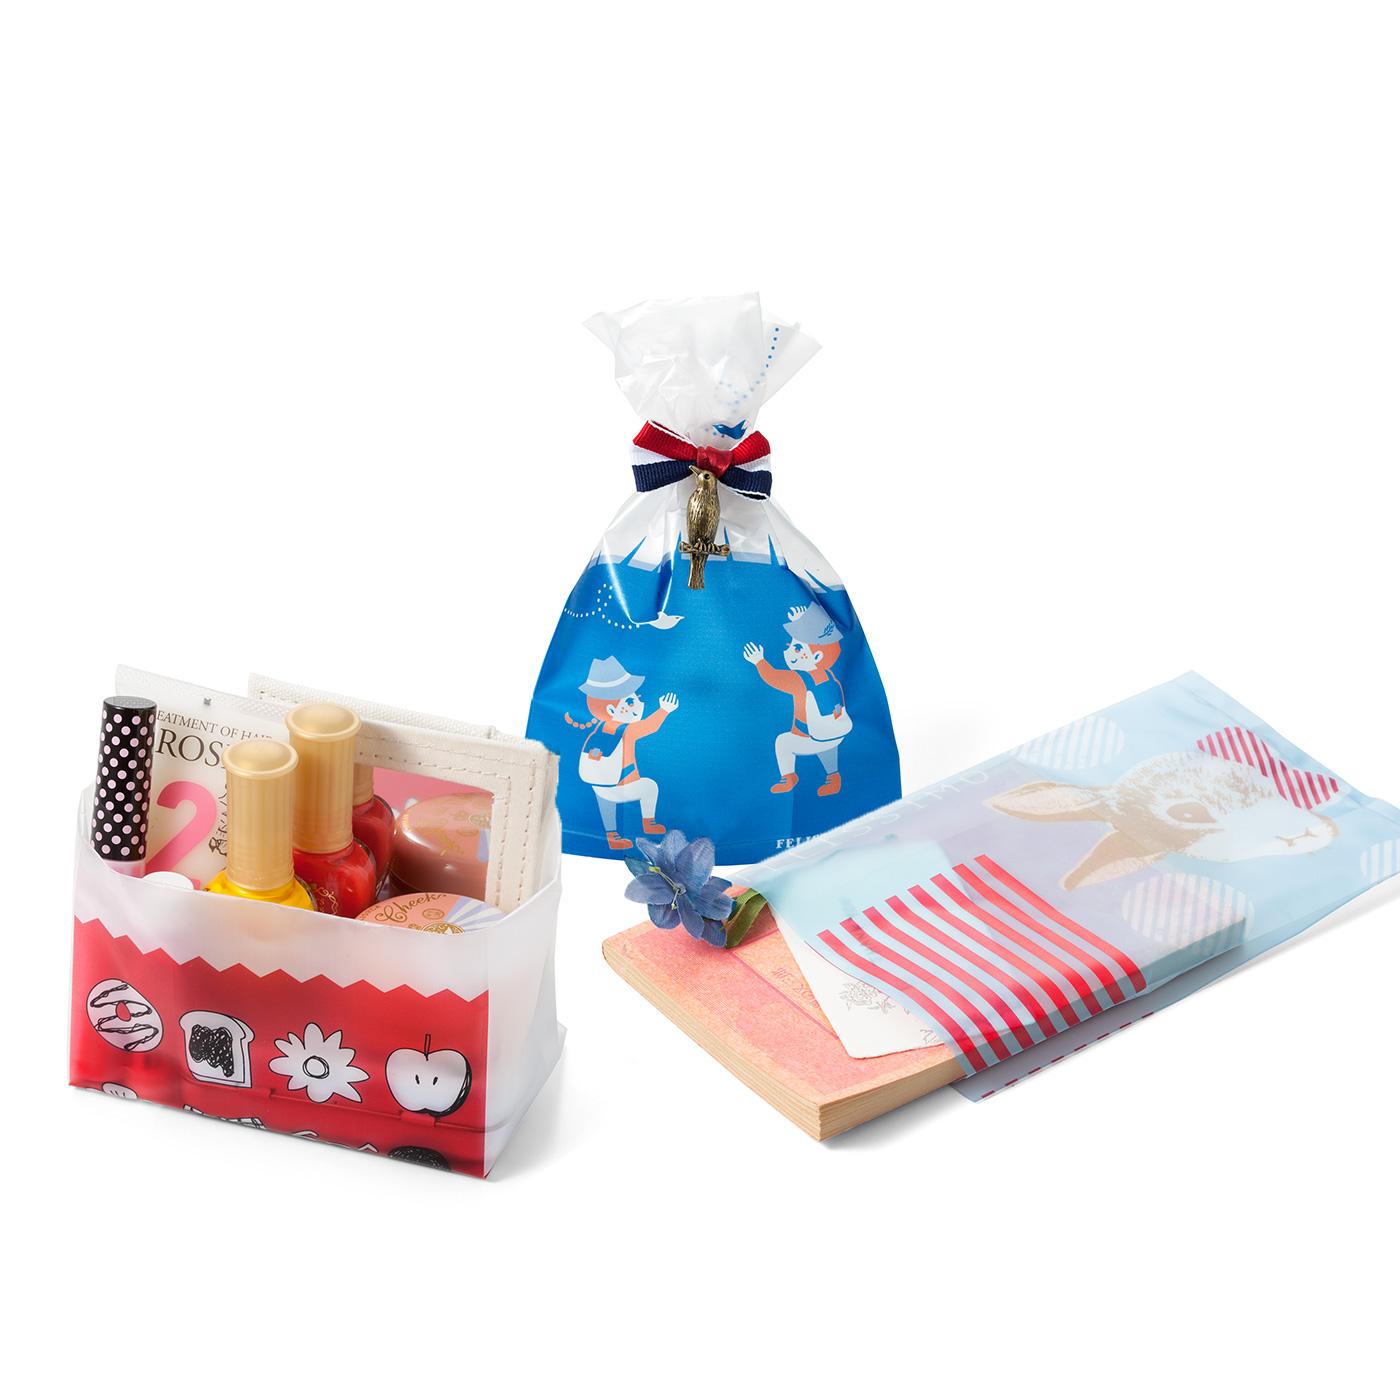 化粧品や小物の収納に! ちょっとしたプレゼントにはリボンをつけて。バレンタインやクリスマスにも活躍。 文庫本にもぴったり! きもちを添えて借りていた本をお返し。